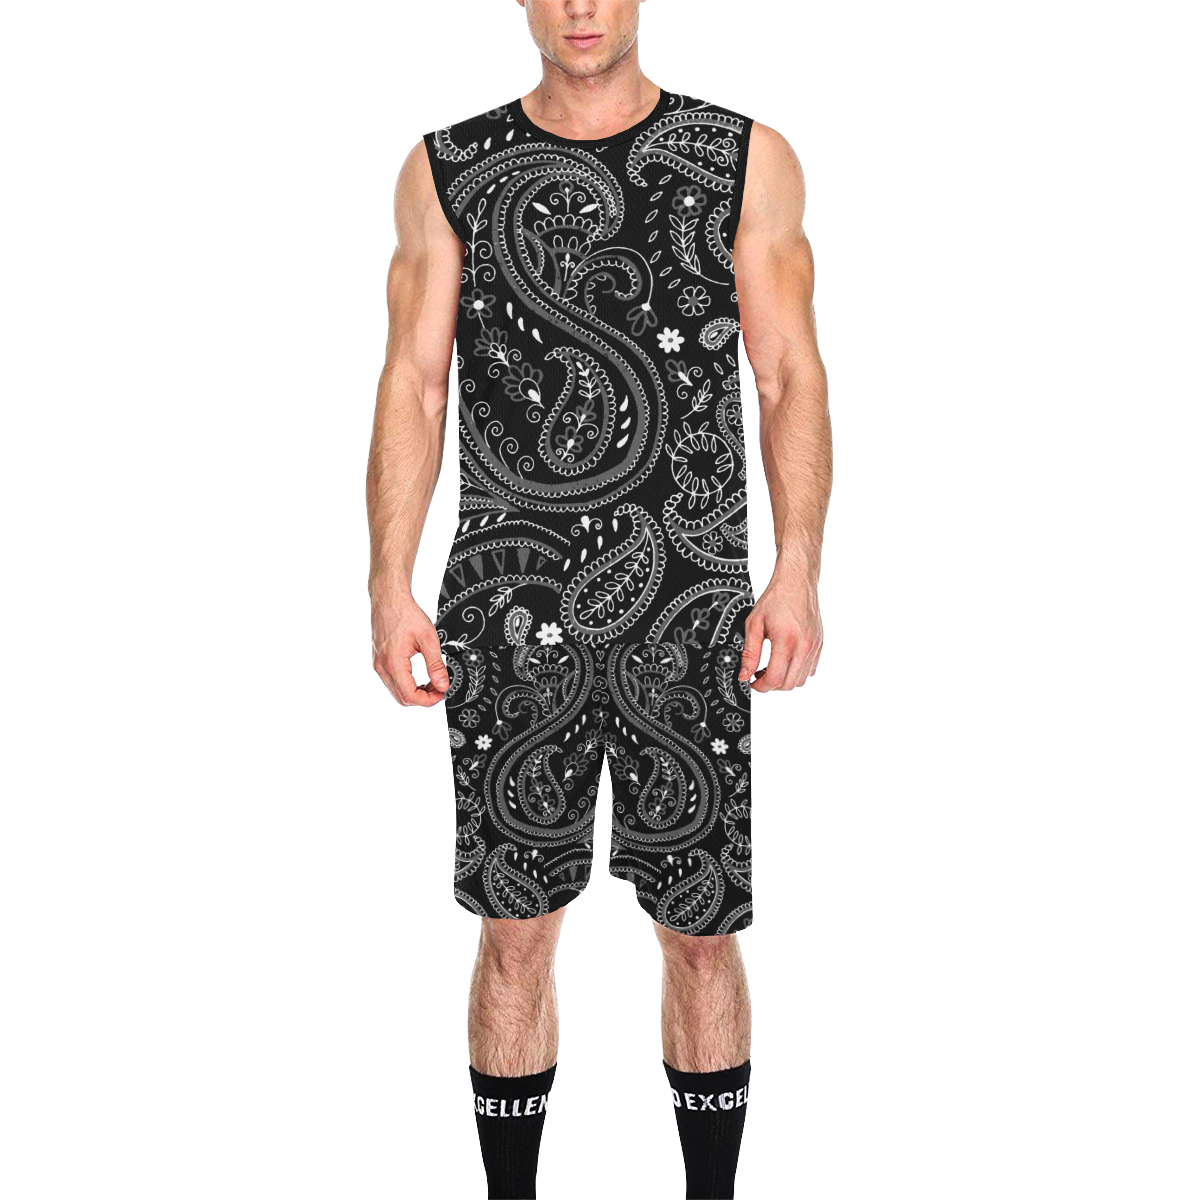 PAISLEY 7 All Over Print Basketball Uniform